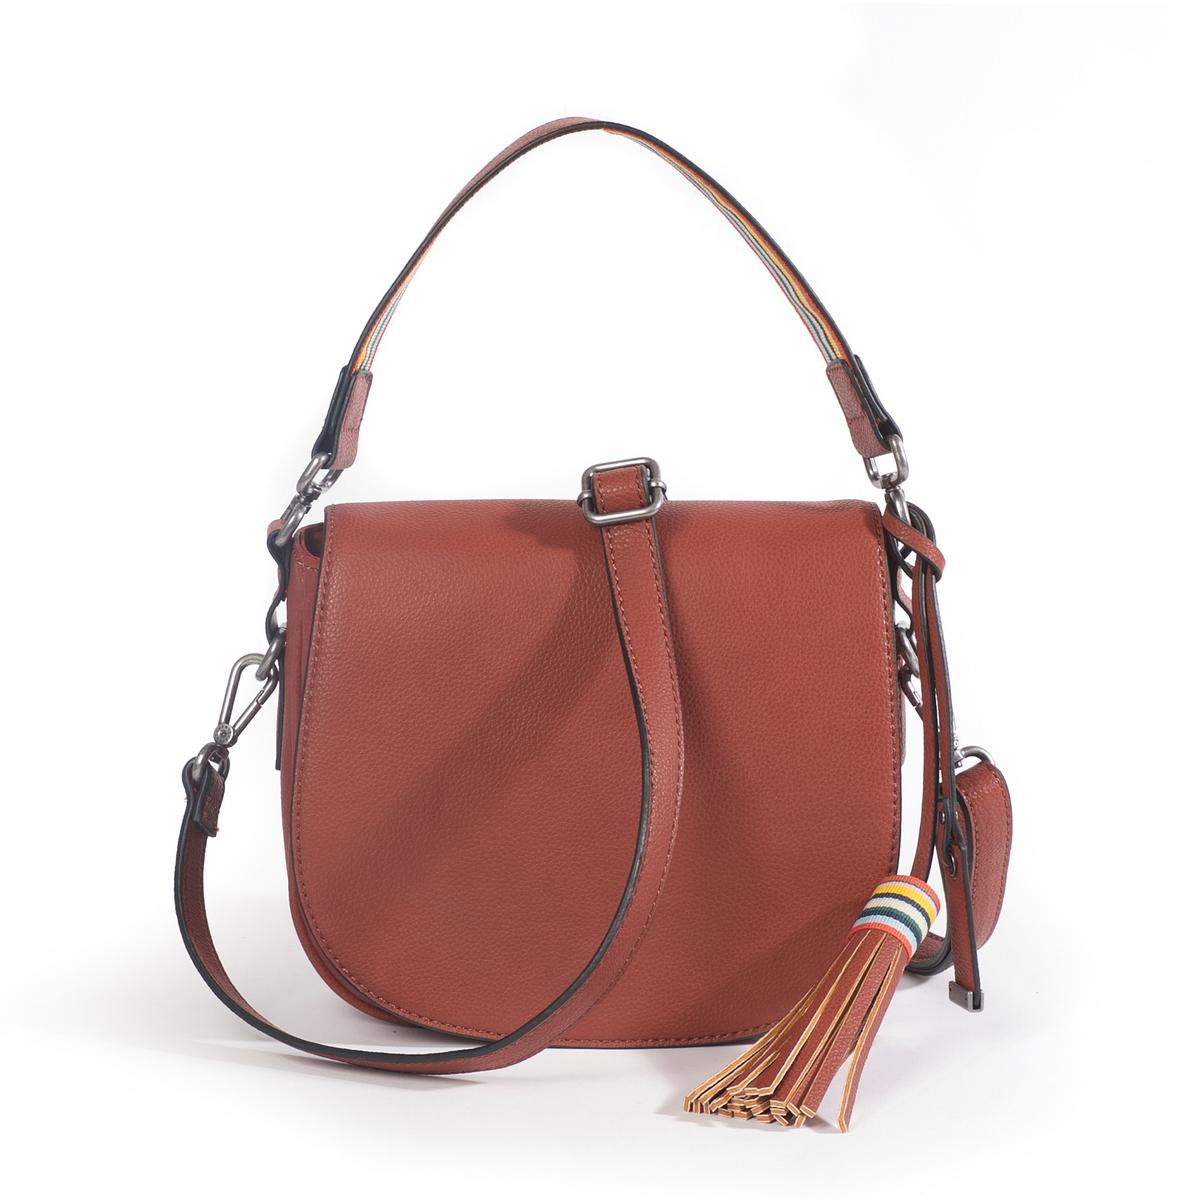 Сумка с плечевым ремнем WendyОписание:Модная и женственная сумка от EspritСостав и описание :  •  Материал : верх из полиуретана                         подкладка из полиуретана •  Марка : Esprit •  Модель : Wendy Saddlebag  •  Размер : 18 x 21 x 6 см •  Застежка : молнияВнутренний кармашек<br><br>Цвет: темно-бежевый,черный<br>Размер: единый размер.единый размер